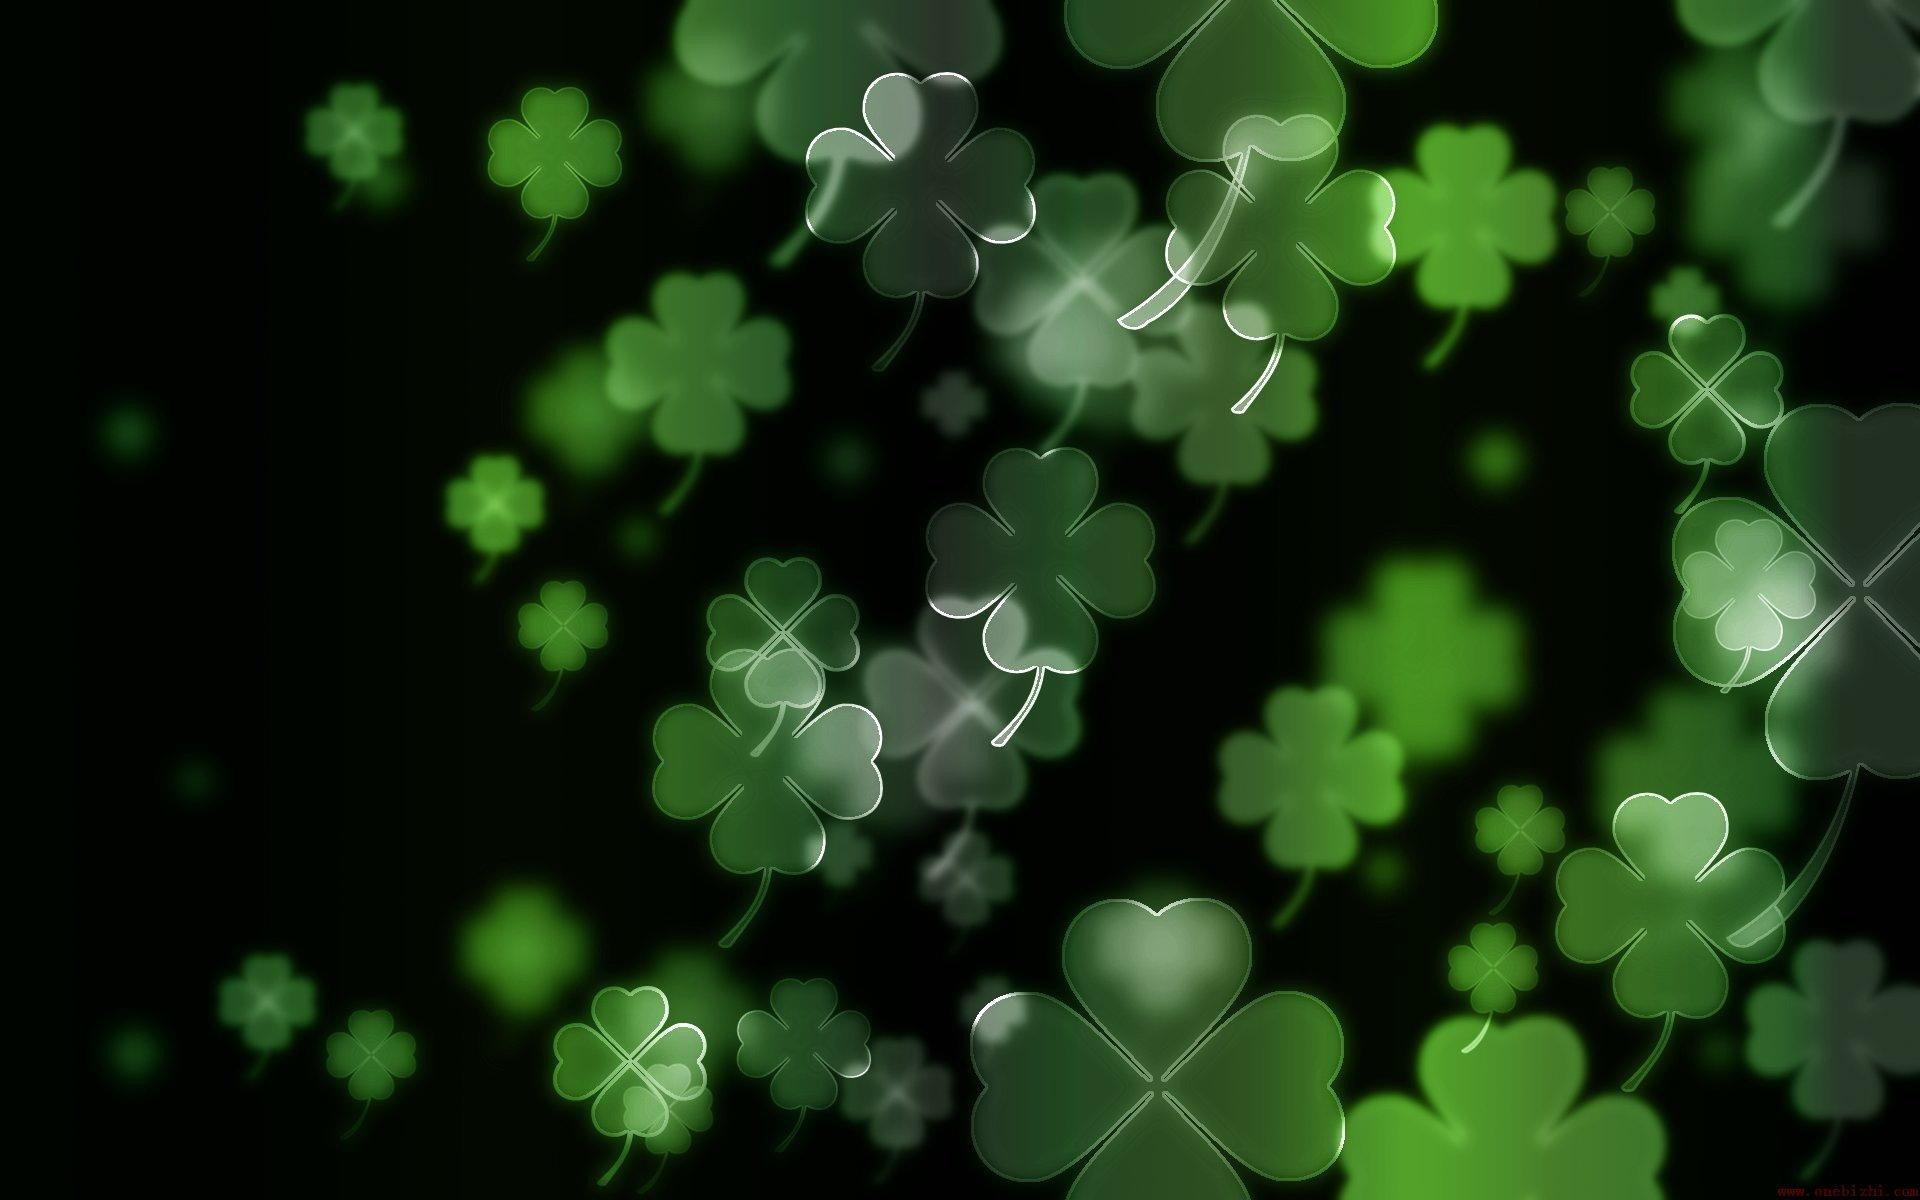 Luck irish four leaf clover Clovers wallpaper 1920x1200 327713 1920x1200